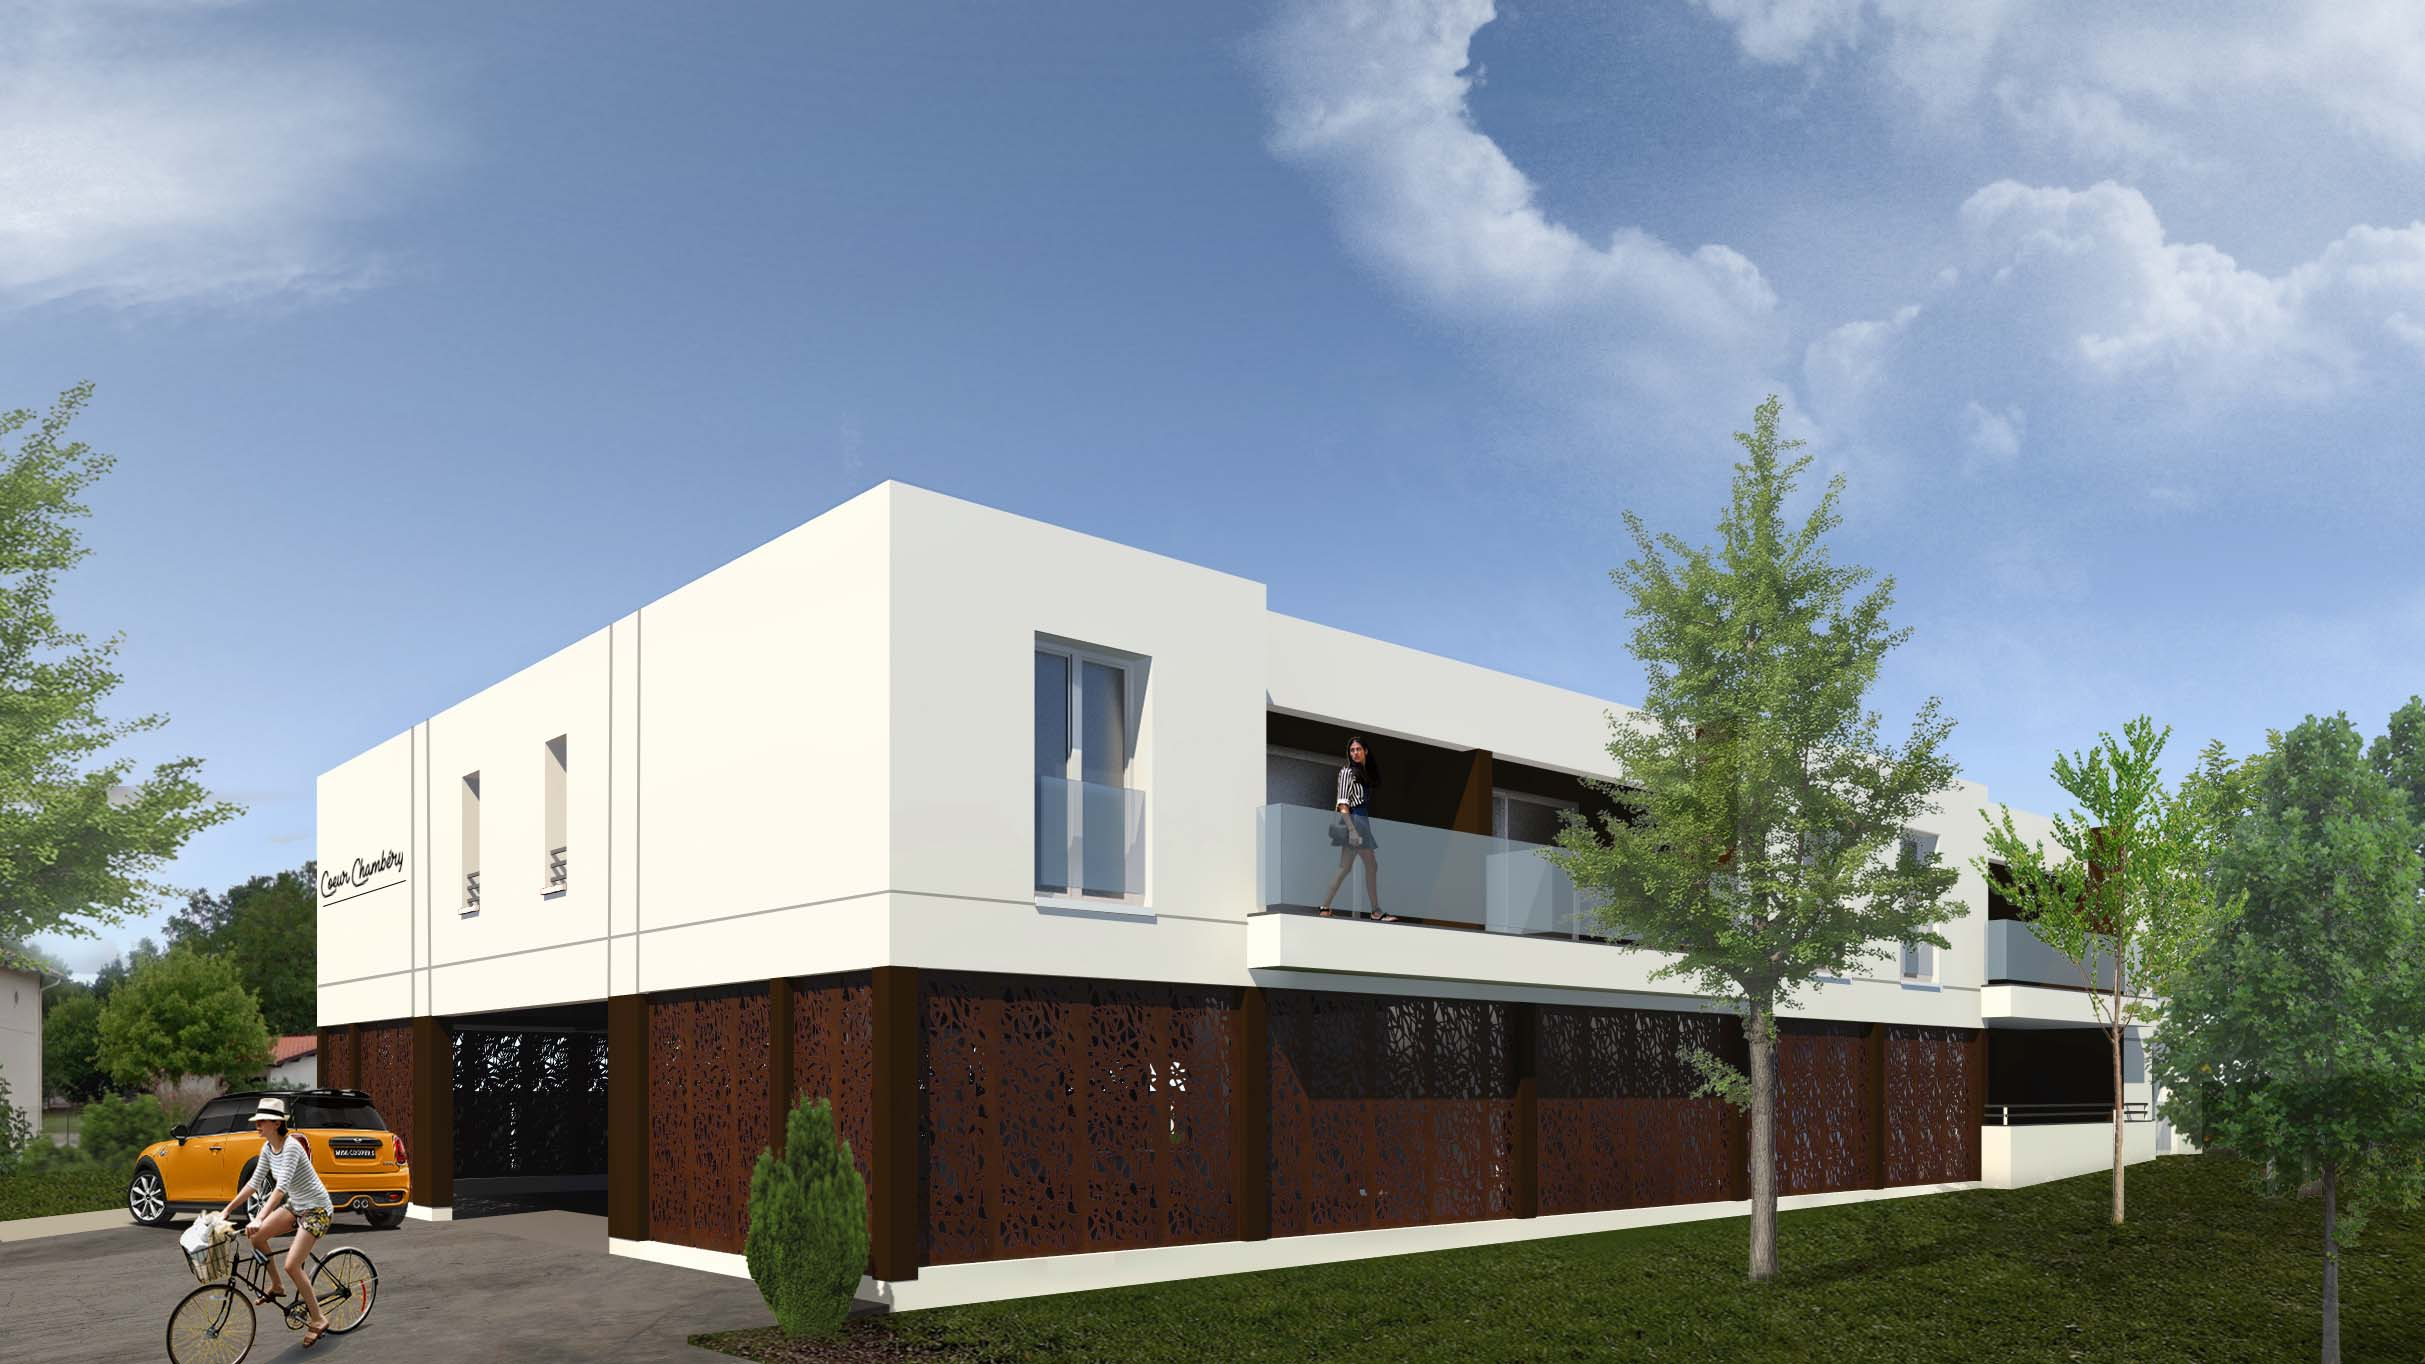 Oz Immo Agence Immobiliere Ad524096e71d8c39800e81fb3ecb3eae 127